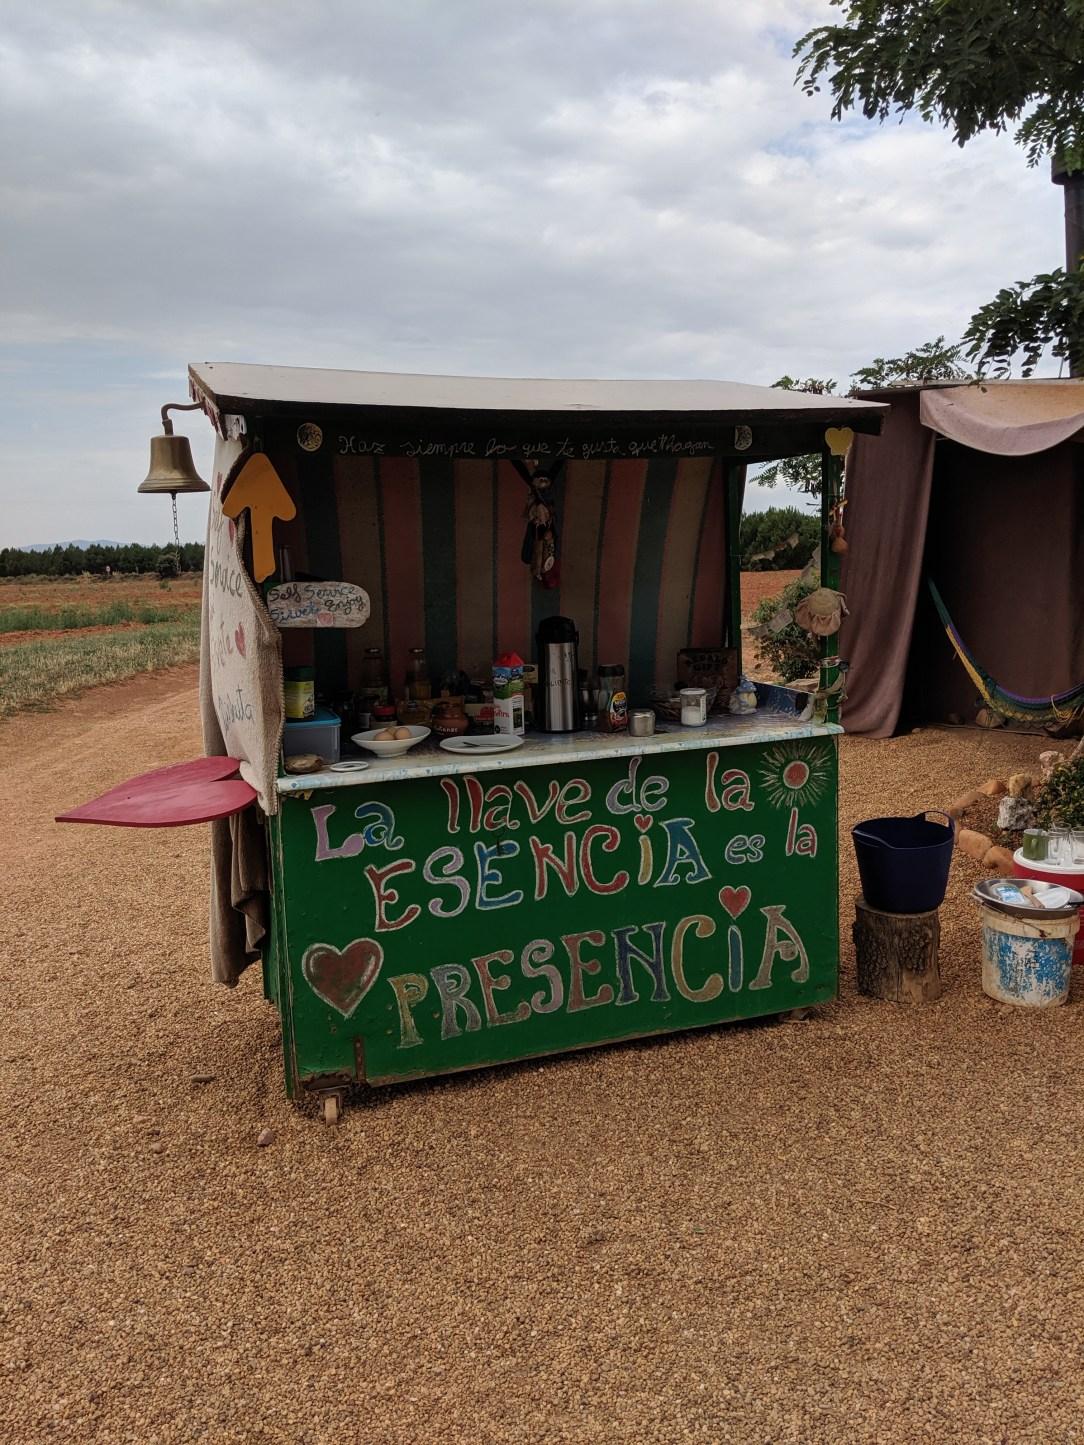 Spanish hospitality, Camino Frances